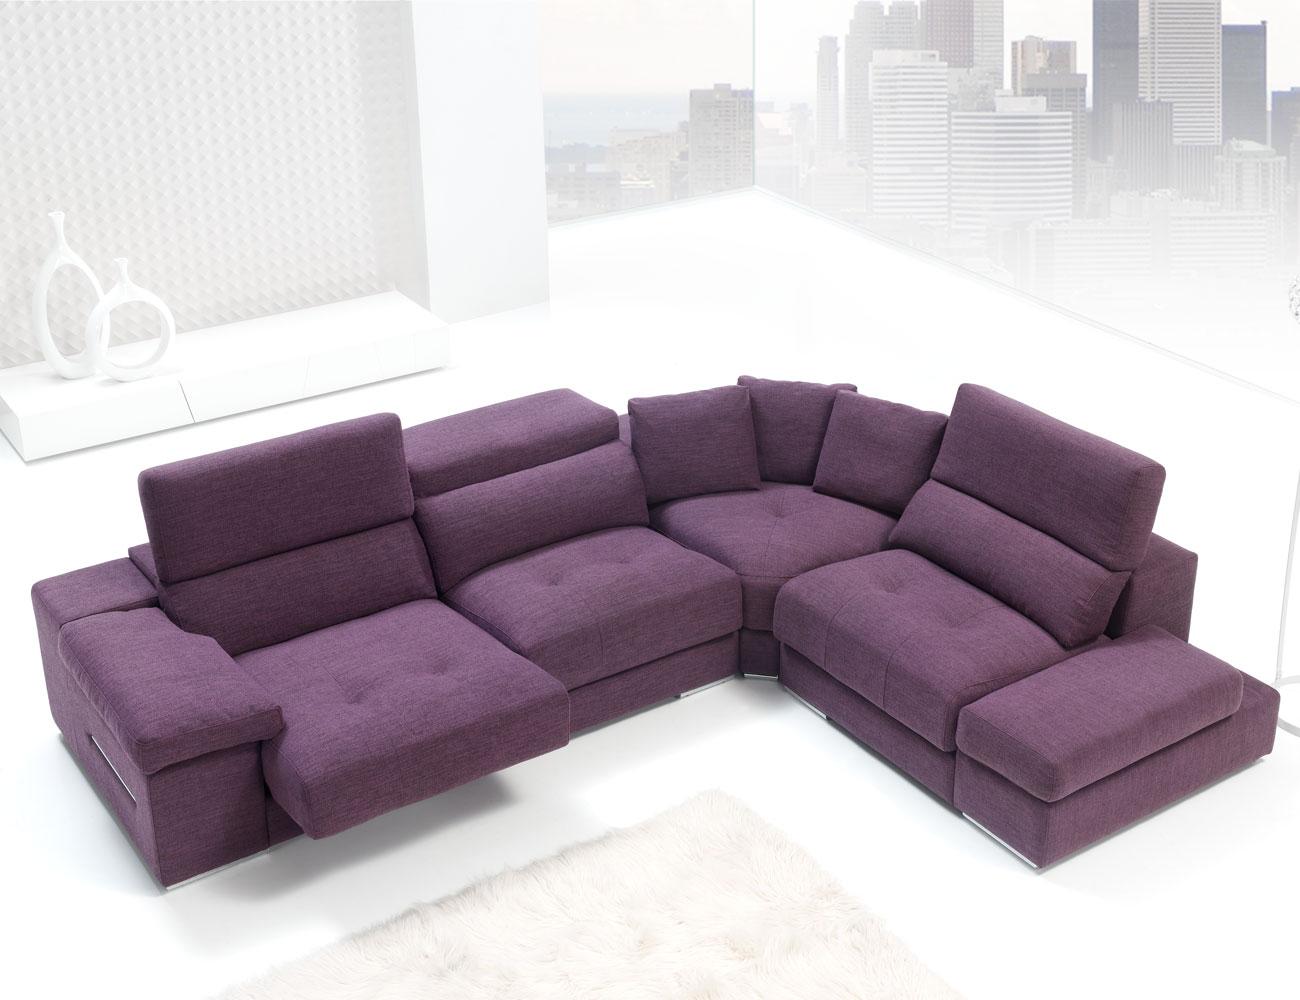 Sofa chaiselongue rincon con brazo mecanico tejido anti manchas 252